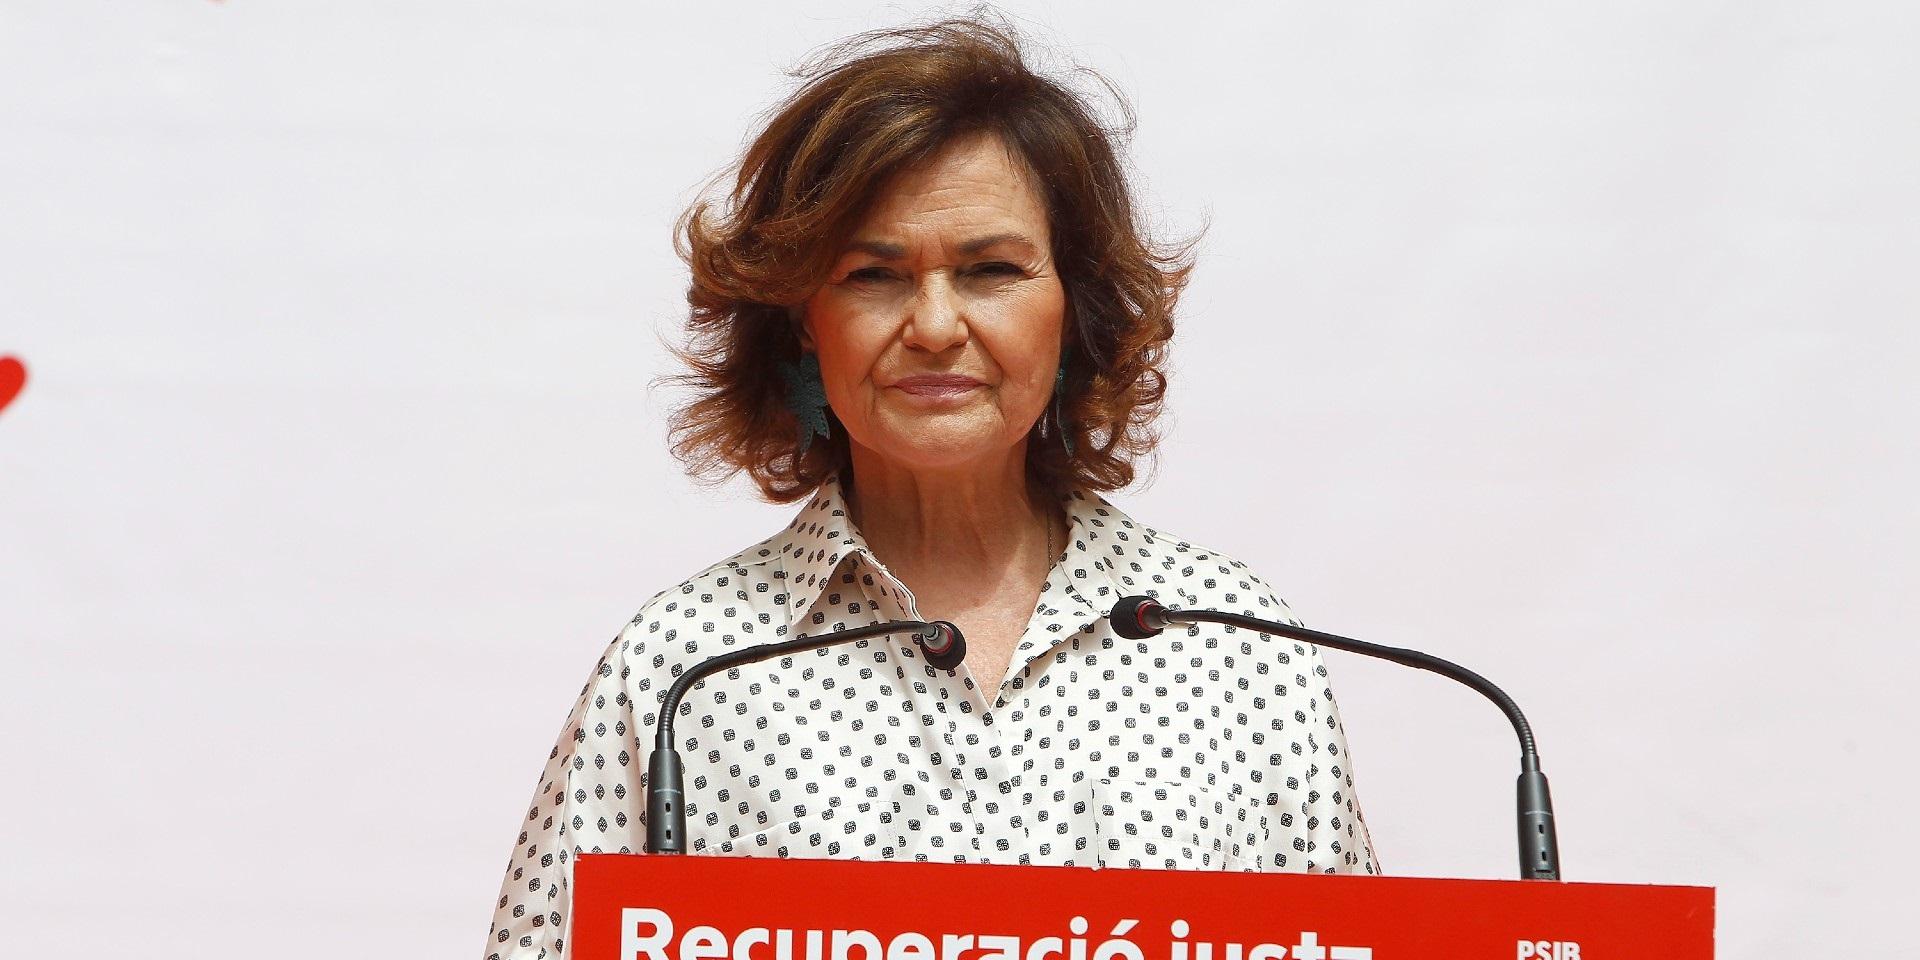 Carmen Calvo ha sufrido una severa derrota política con la aprobación de la Ley Trans. / EP